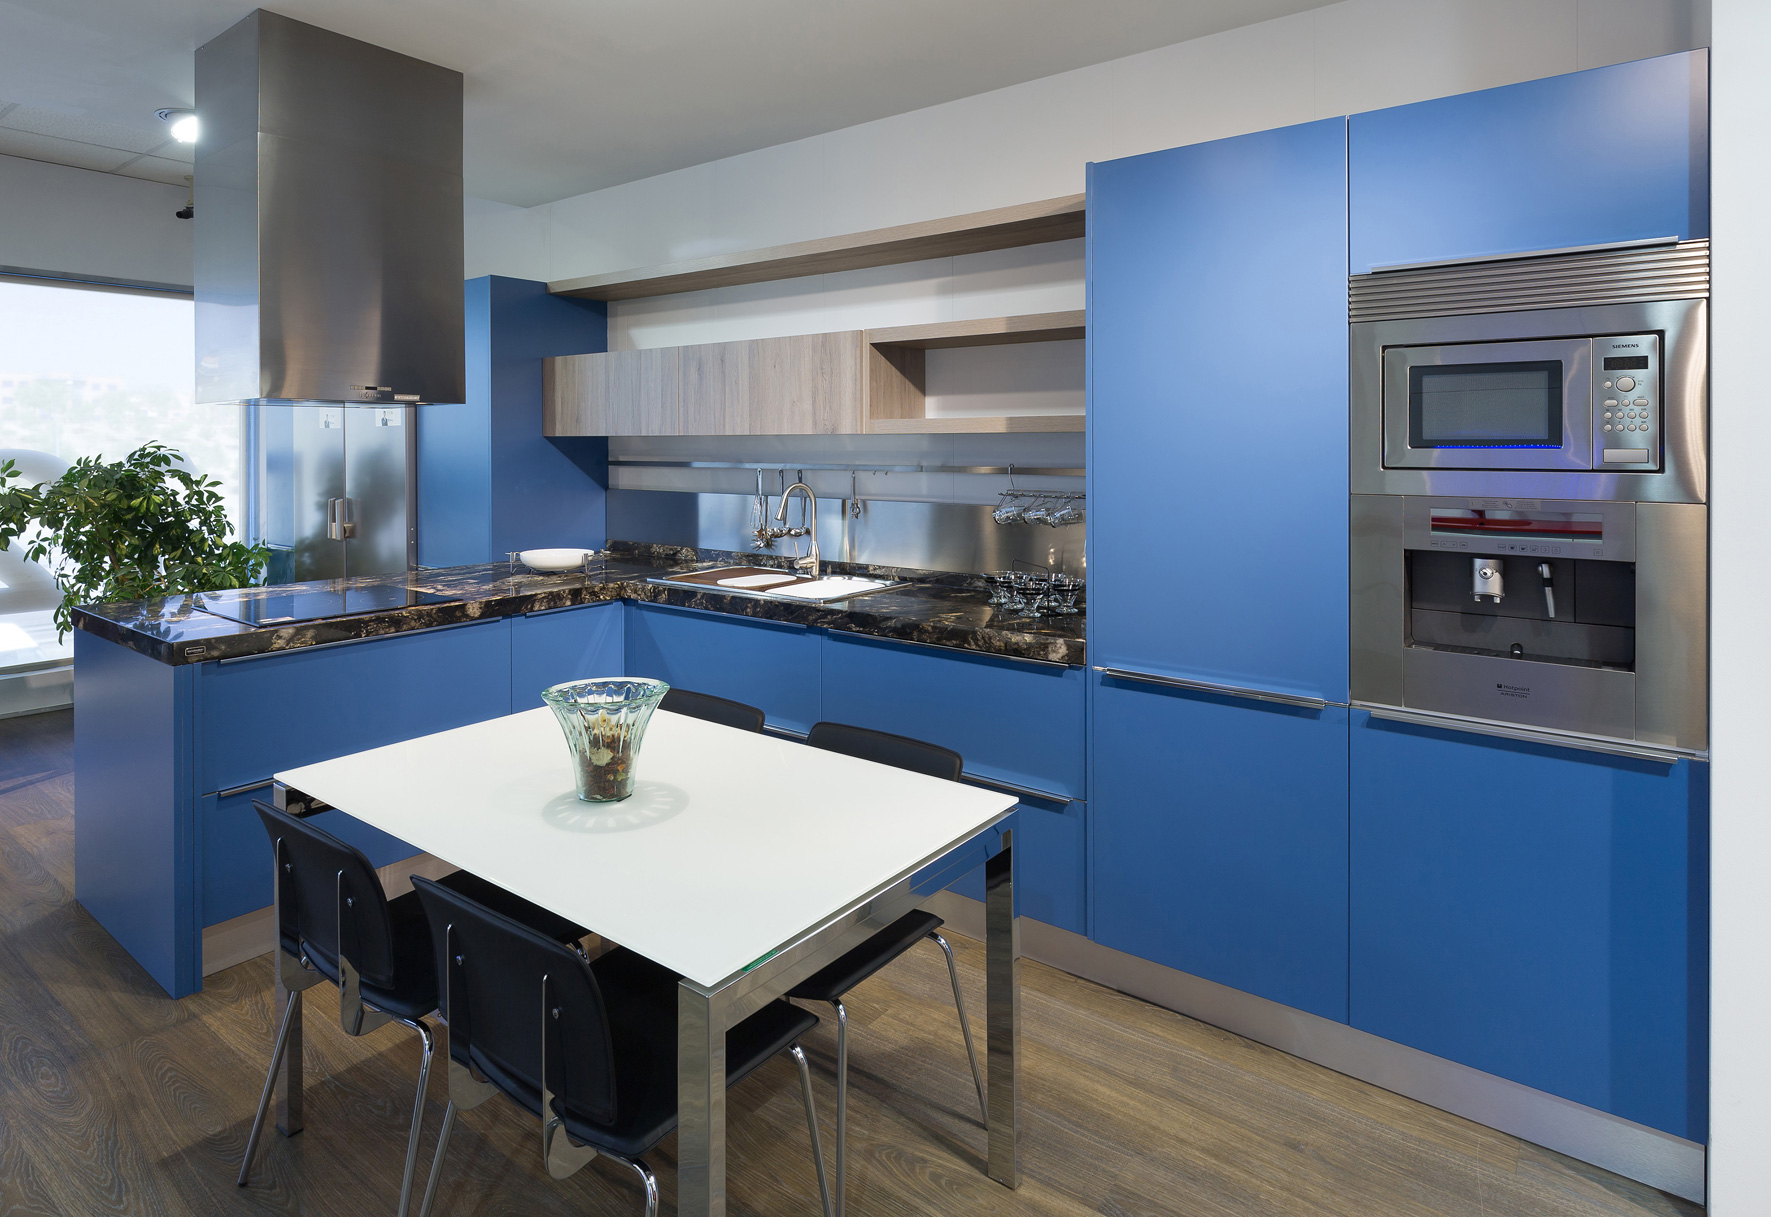 Cocinas azules rompe con lo establecido cocinas rio - Cocinas azul tierra ...